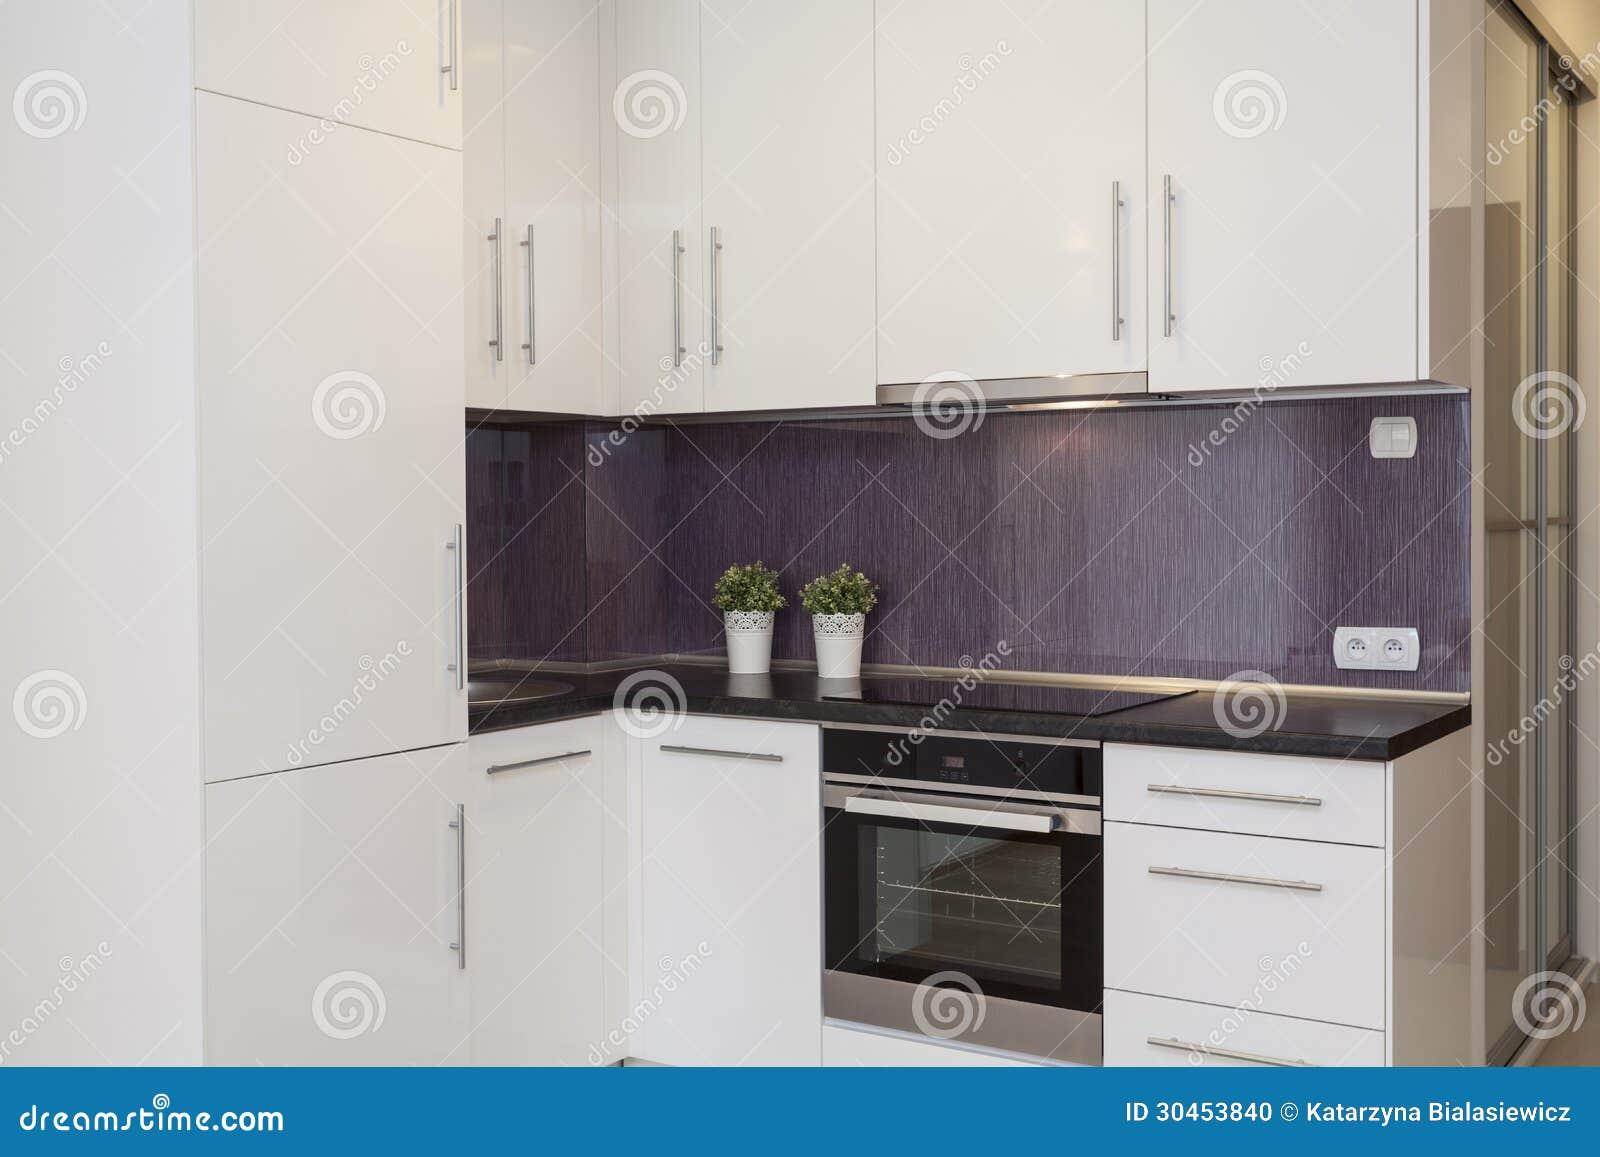 Plano Confortável Cozinha Foto de Stock Imagem: 30453840 #82A328 1300 957